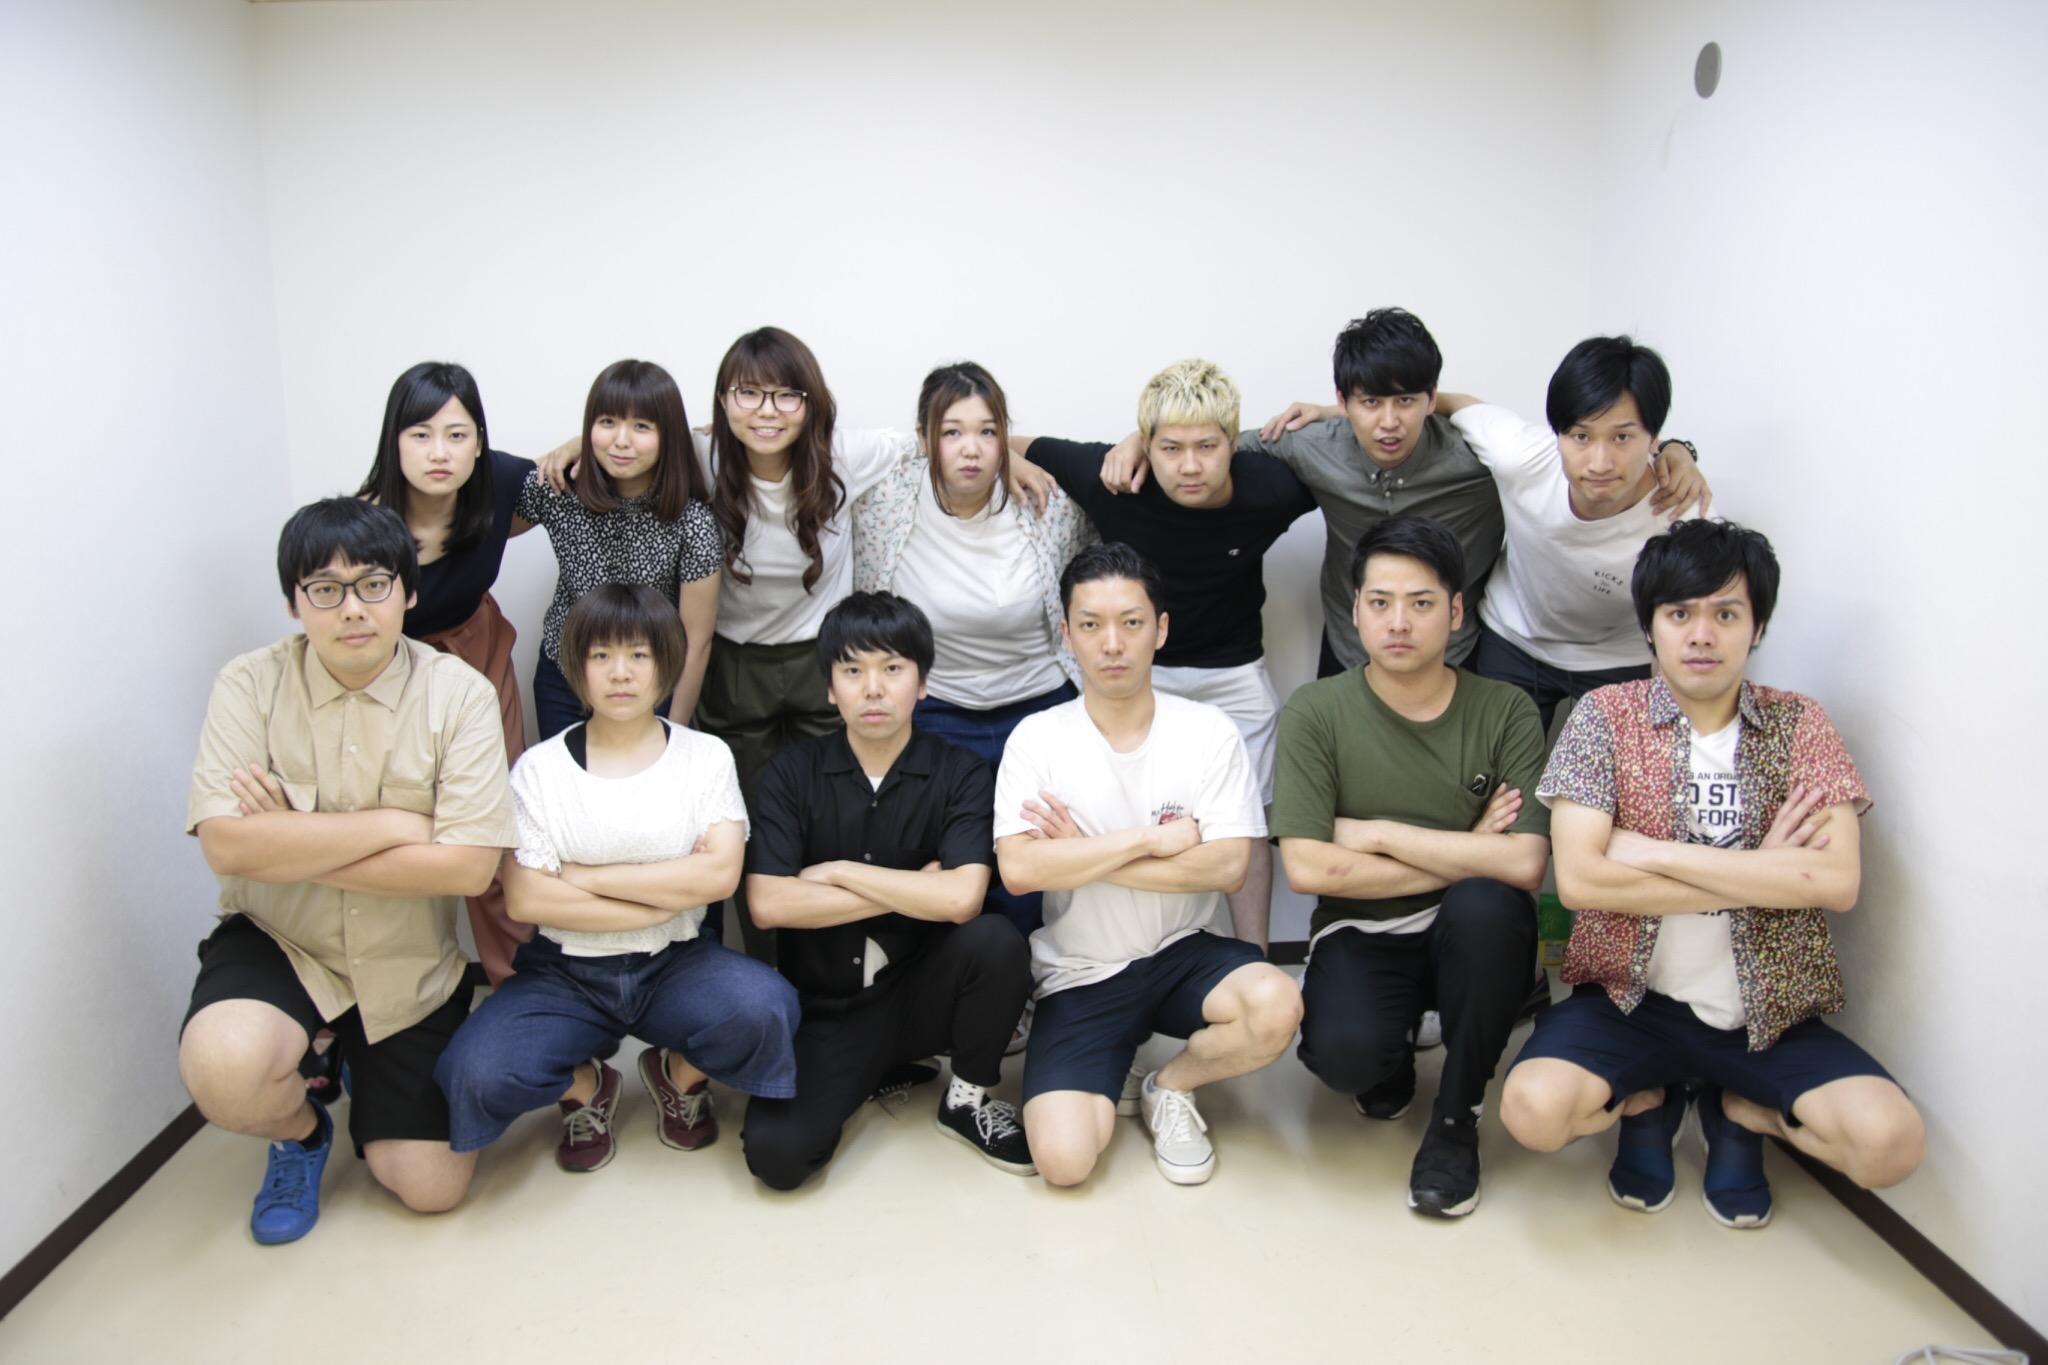 http://news.yoshimoto.co.jp/20170810115801-81b20d7f7cd154ac78ac03612b58fdb8b3a92b0c.jpg